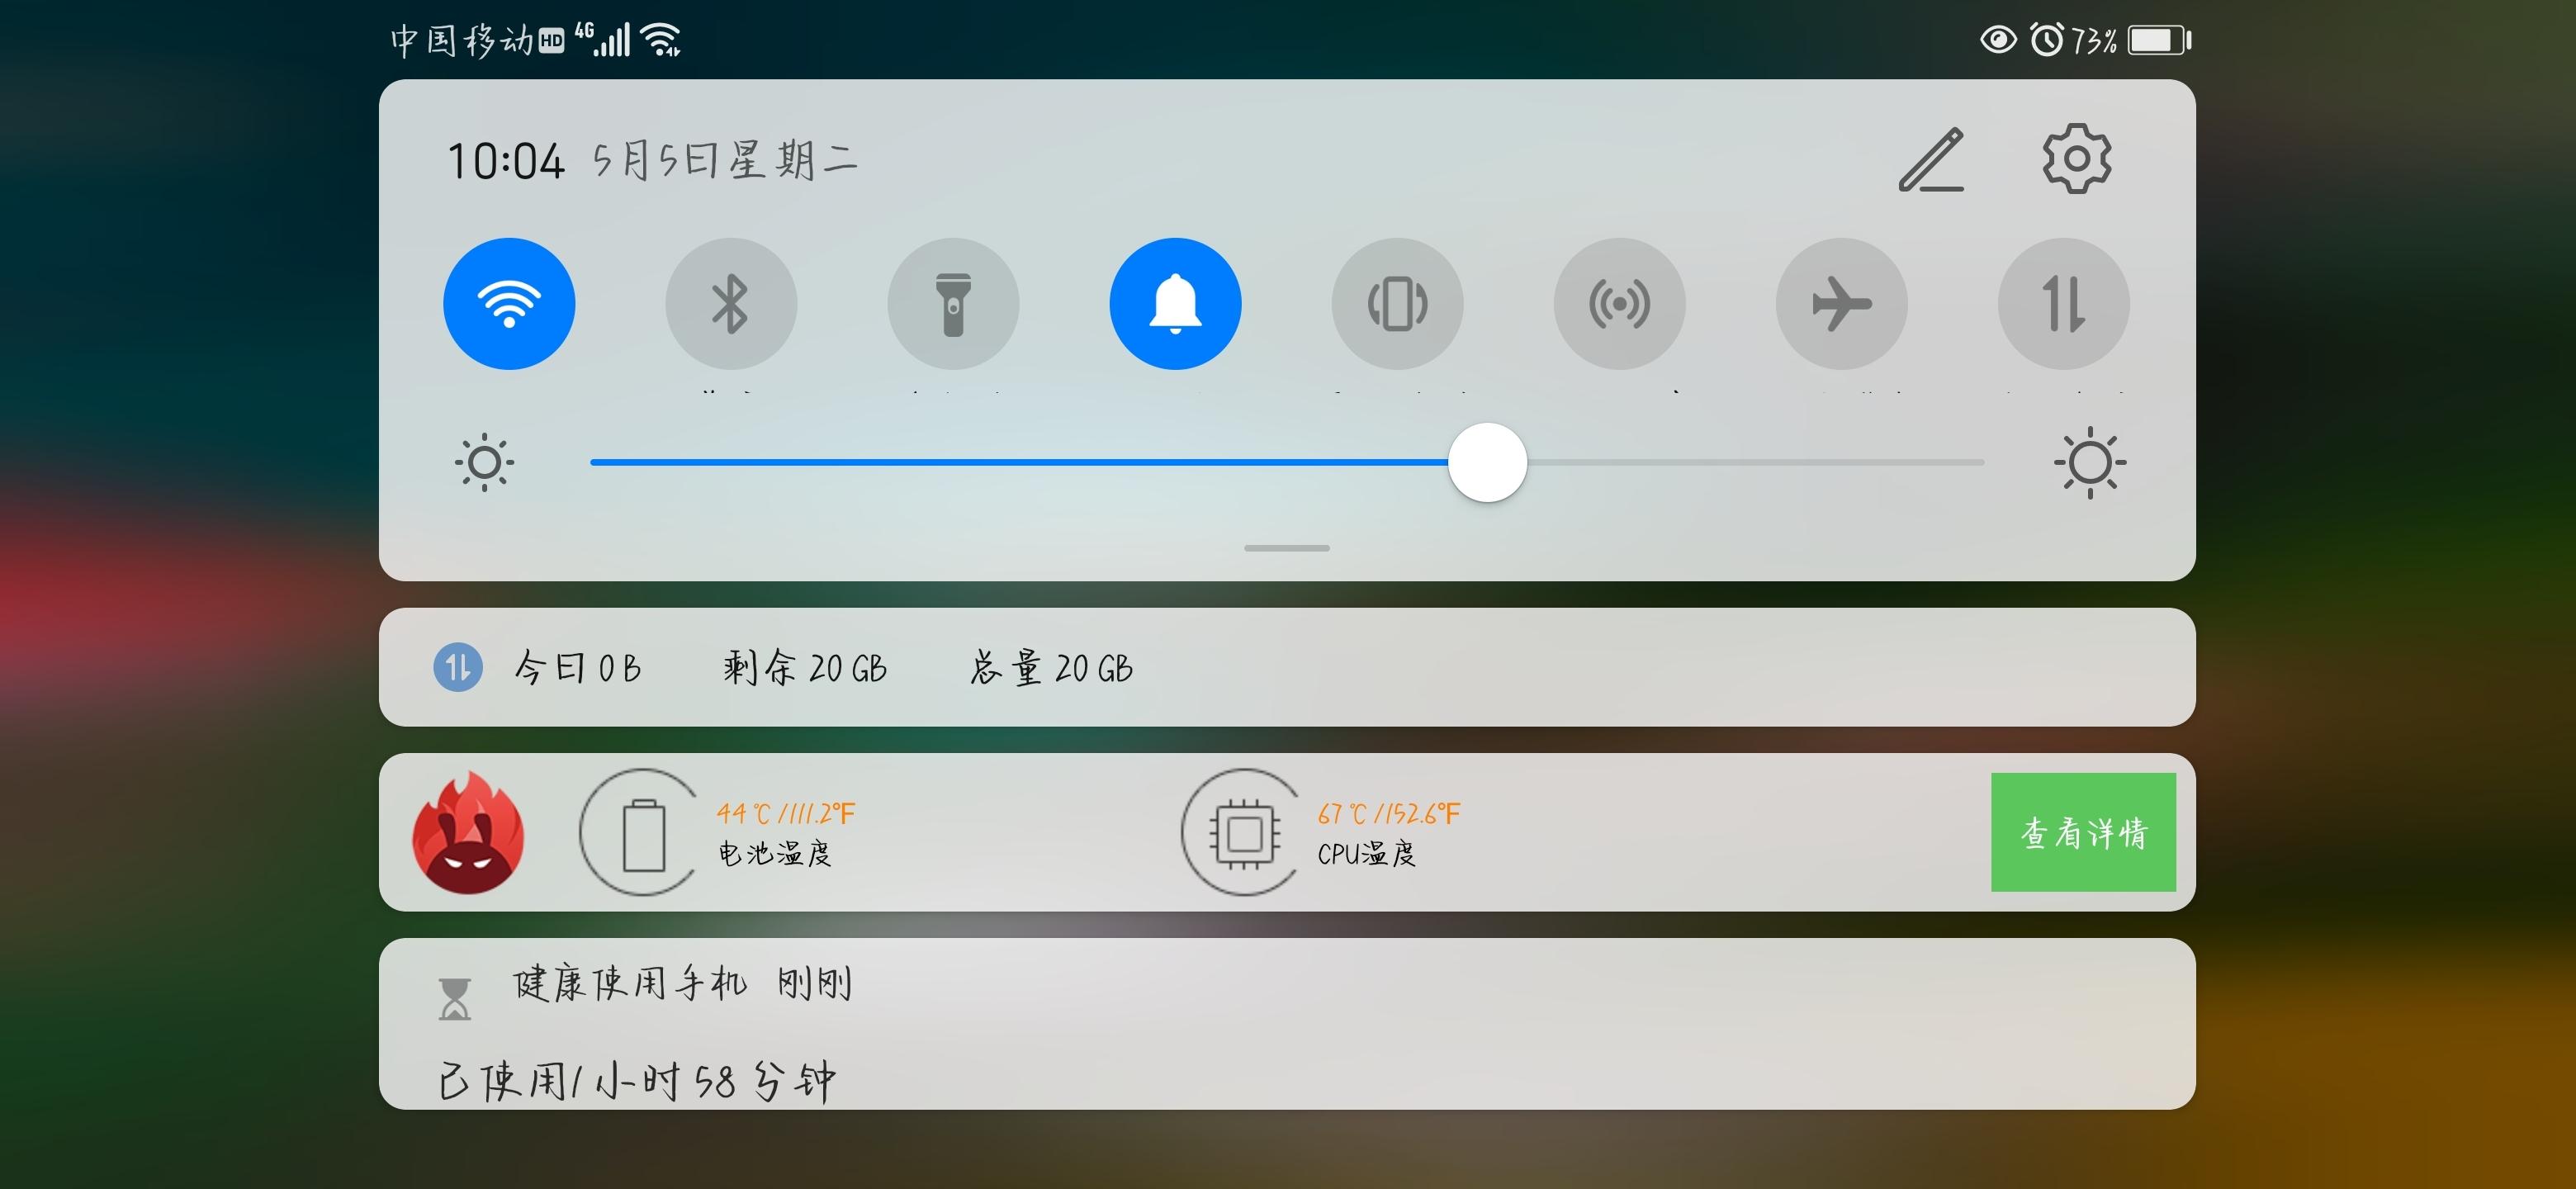 Screenshot_20200505_100430_com.netease.onmyoji.vivo.jpg